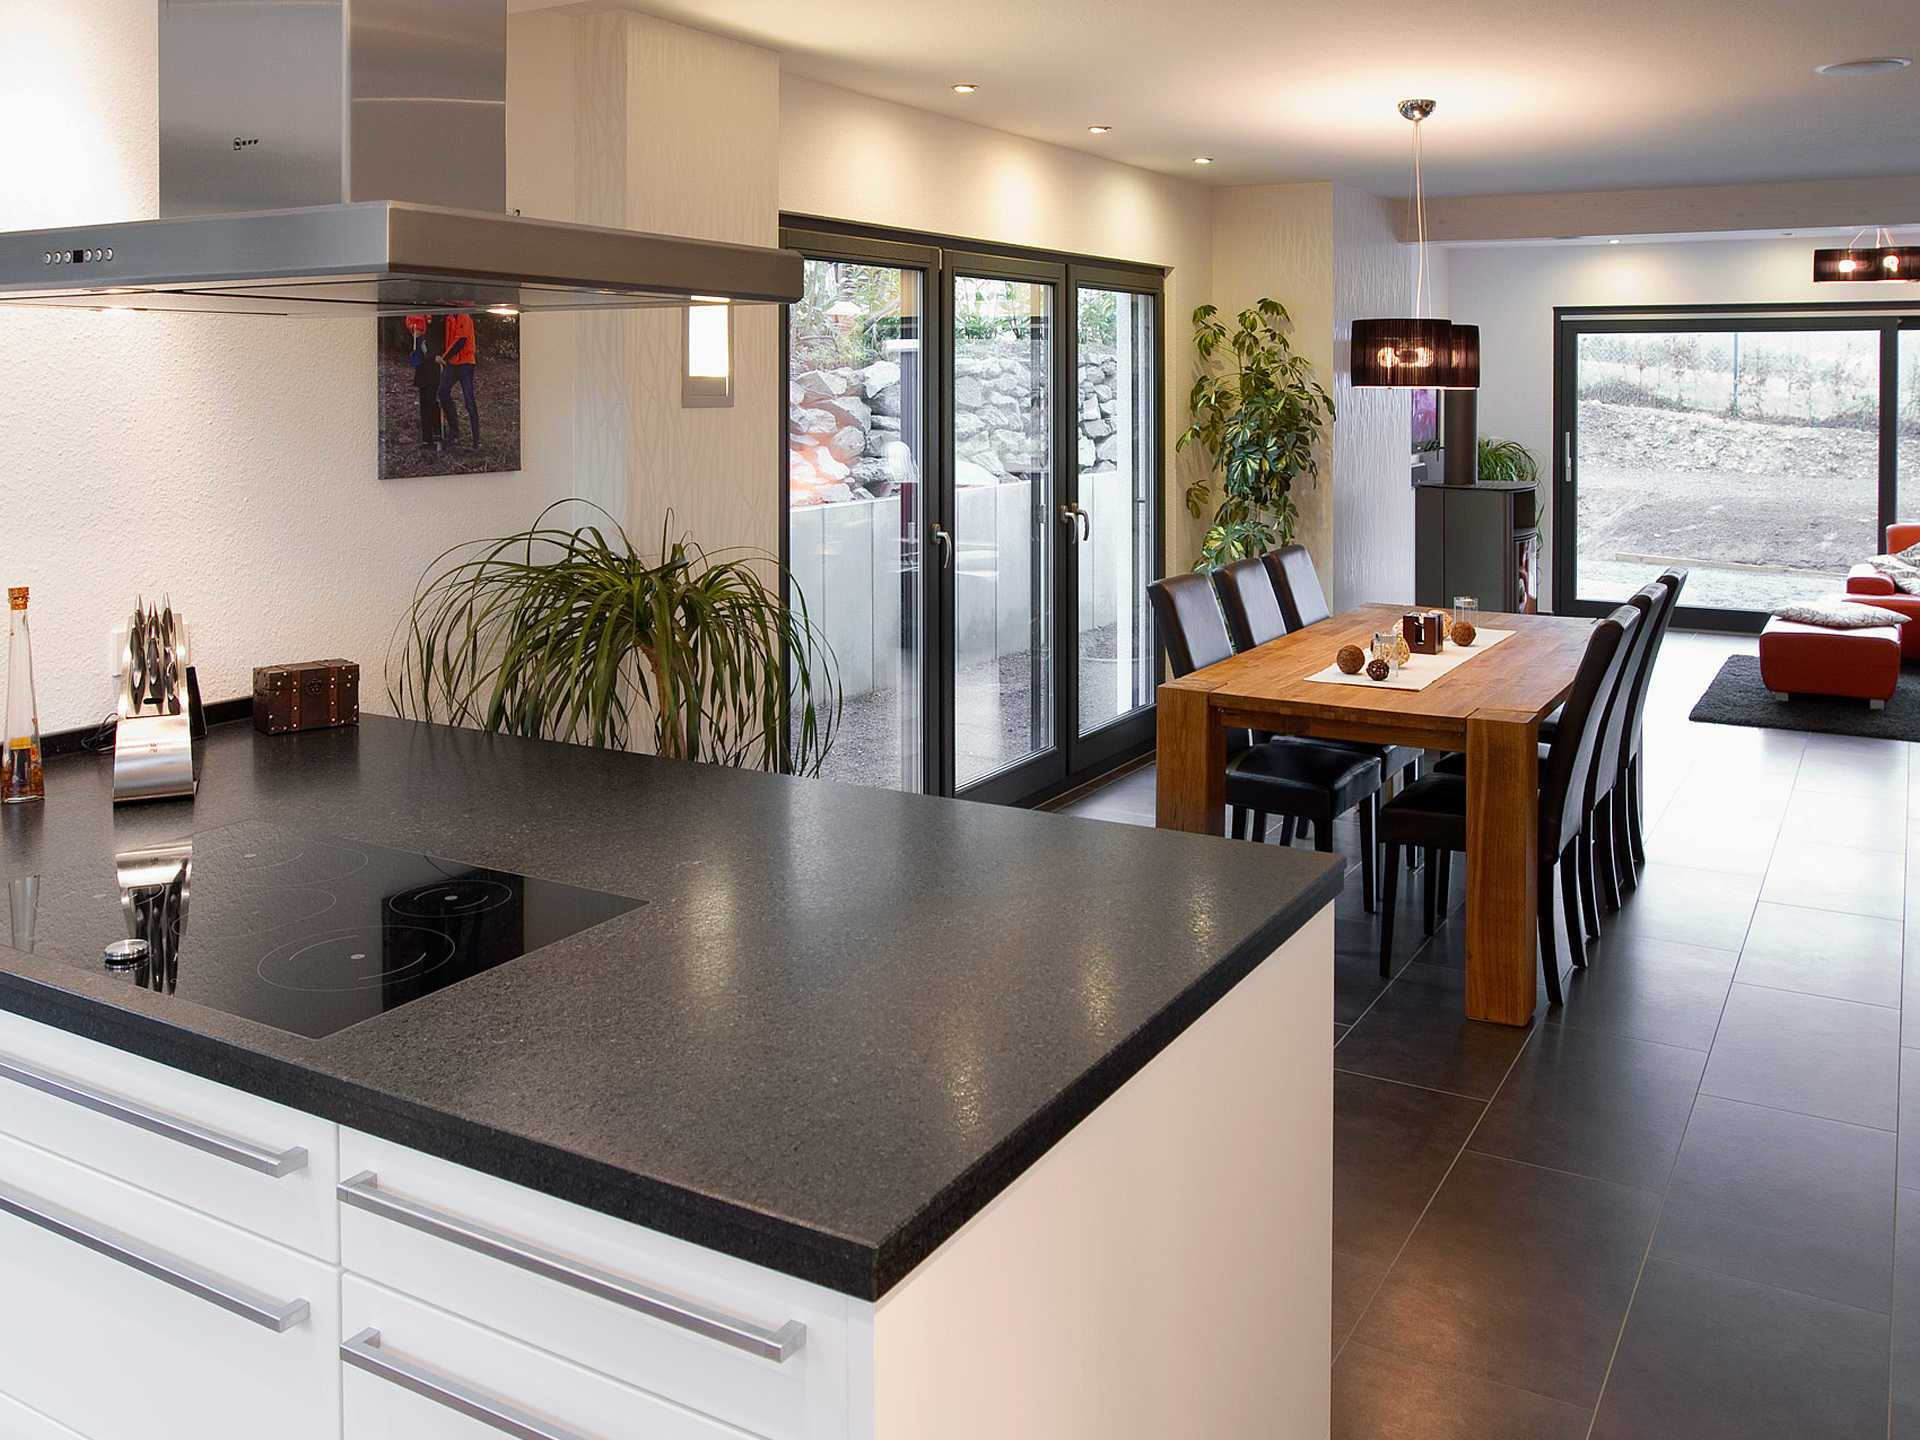 Einfamilienhaus r fingerhut haus for Einfamilienhaus innenansicht